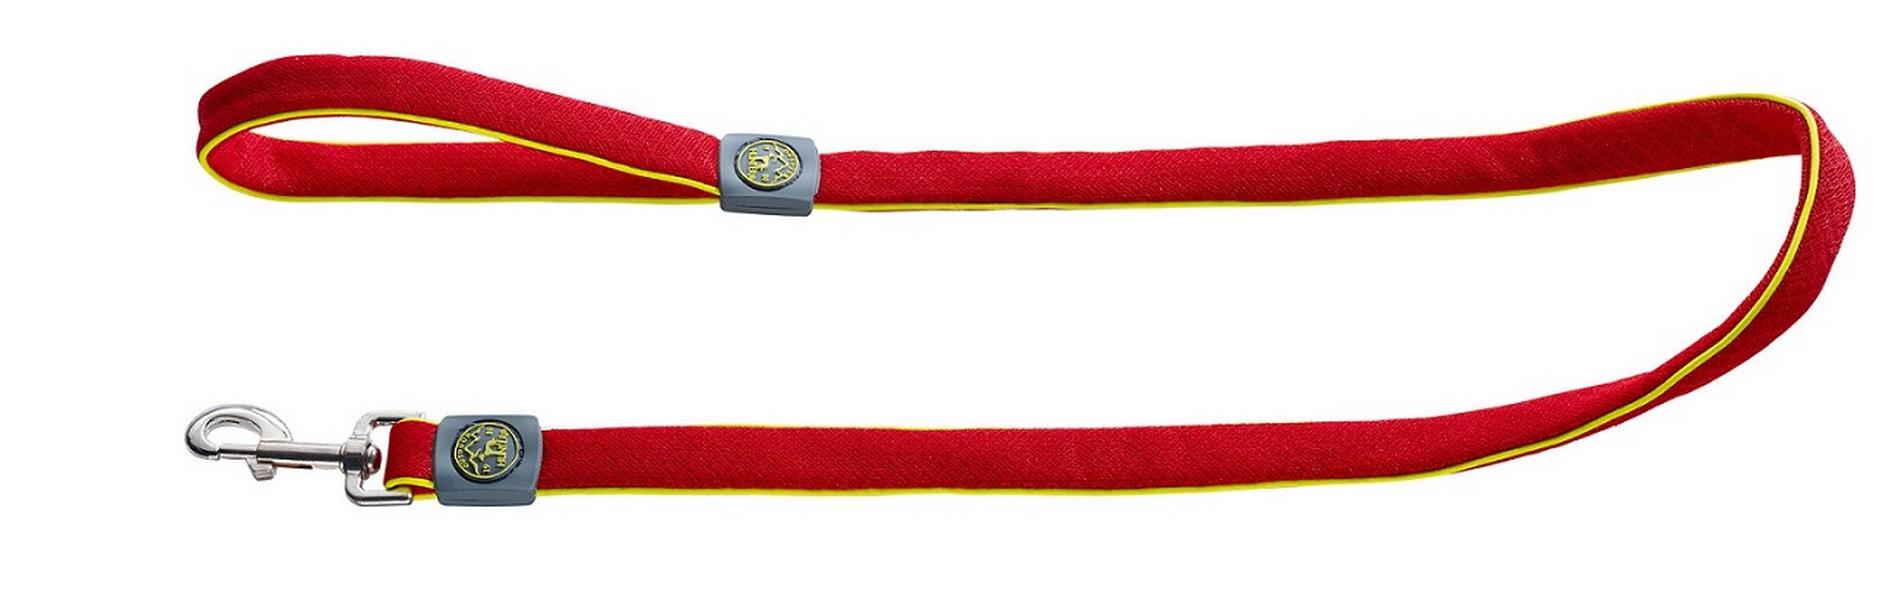 Hunter Maui поводок для собак сетчатый текстиль 20мм/140см